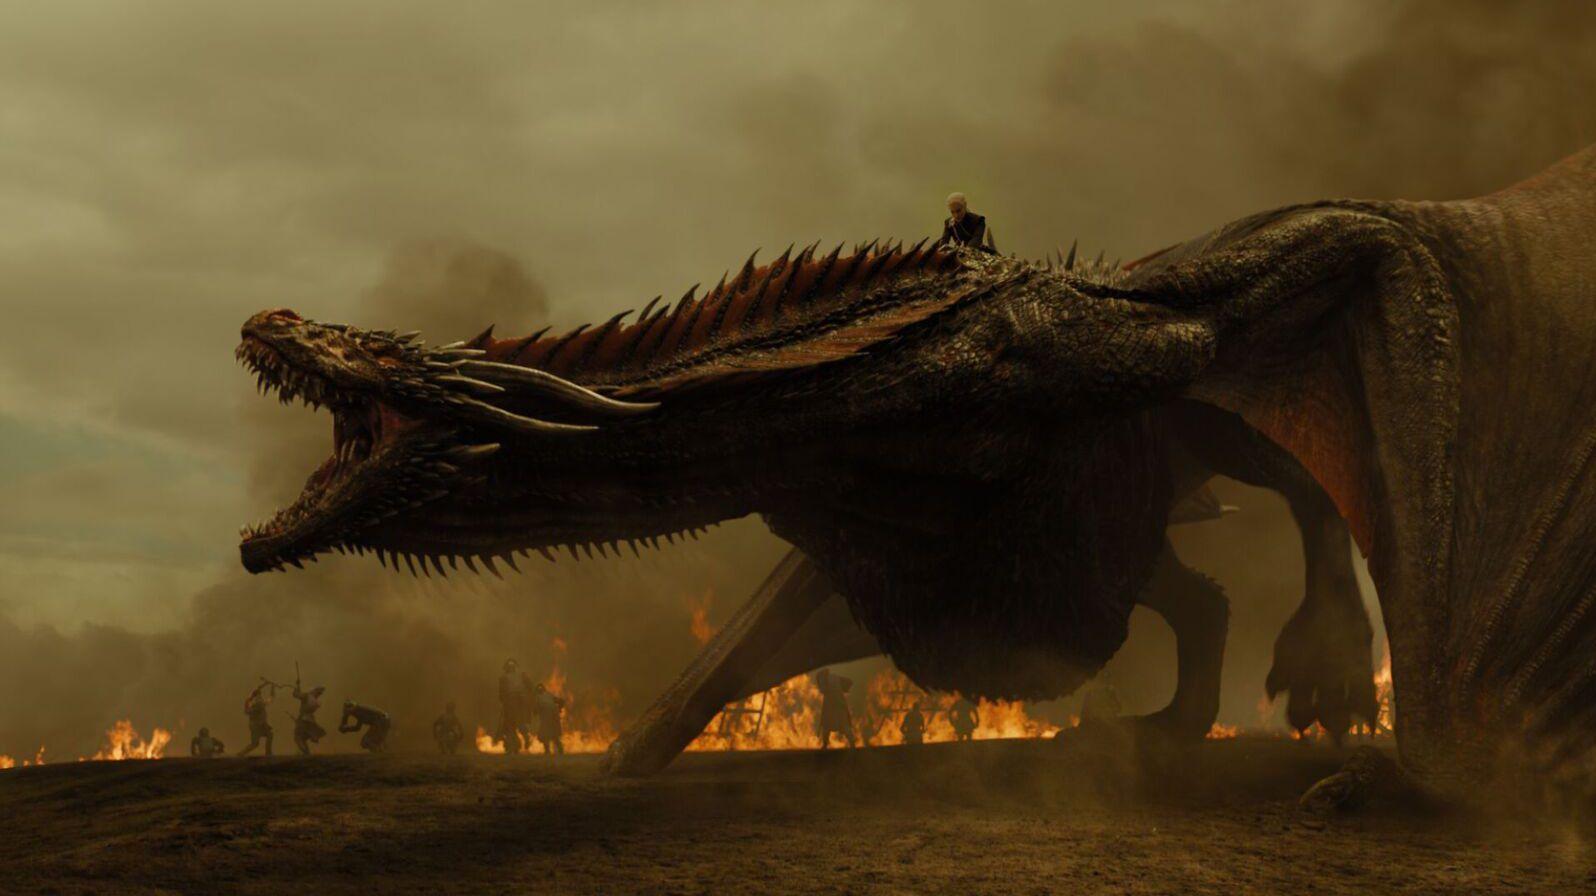 game-of-thrones-season-7-dragon-e1500309334532